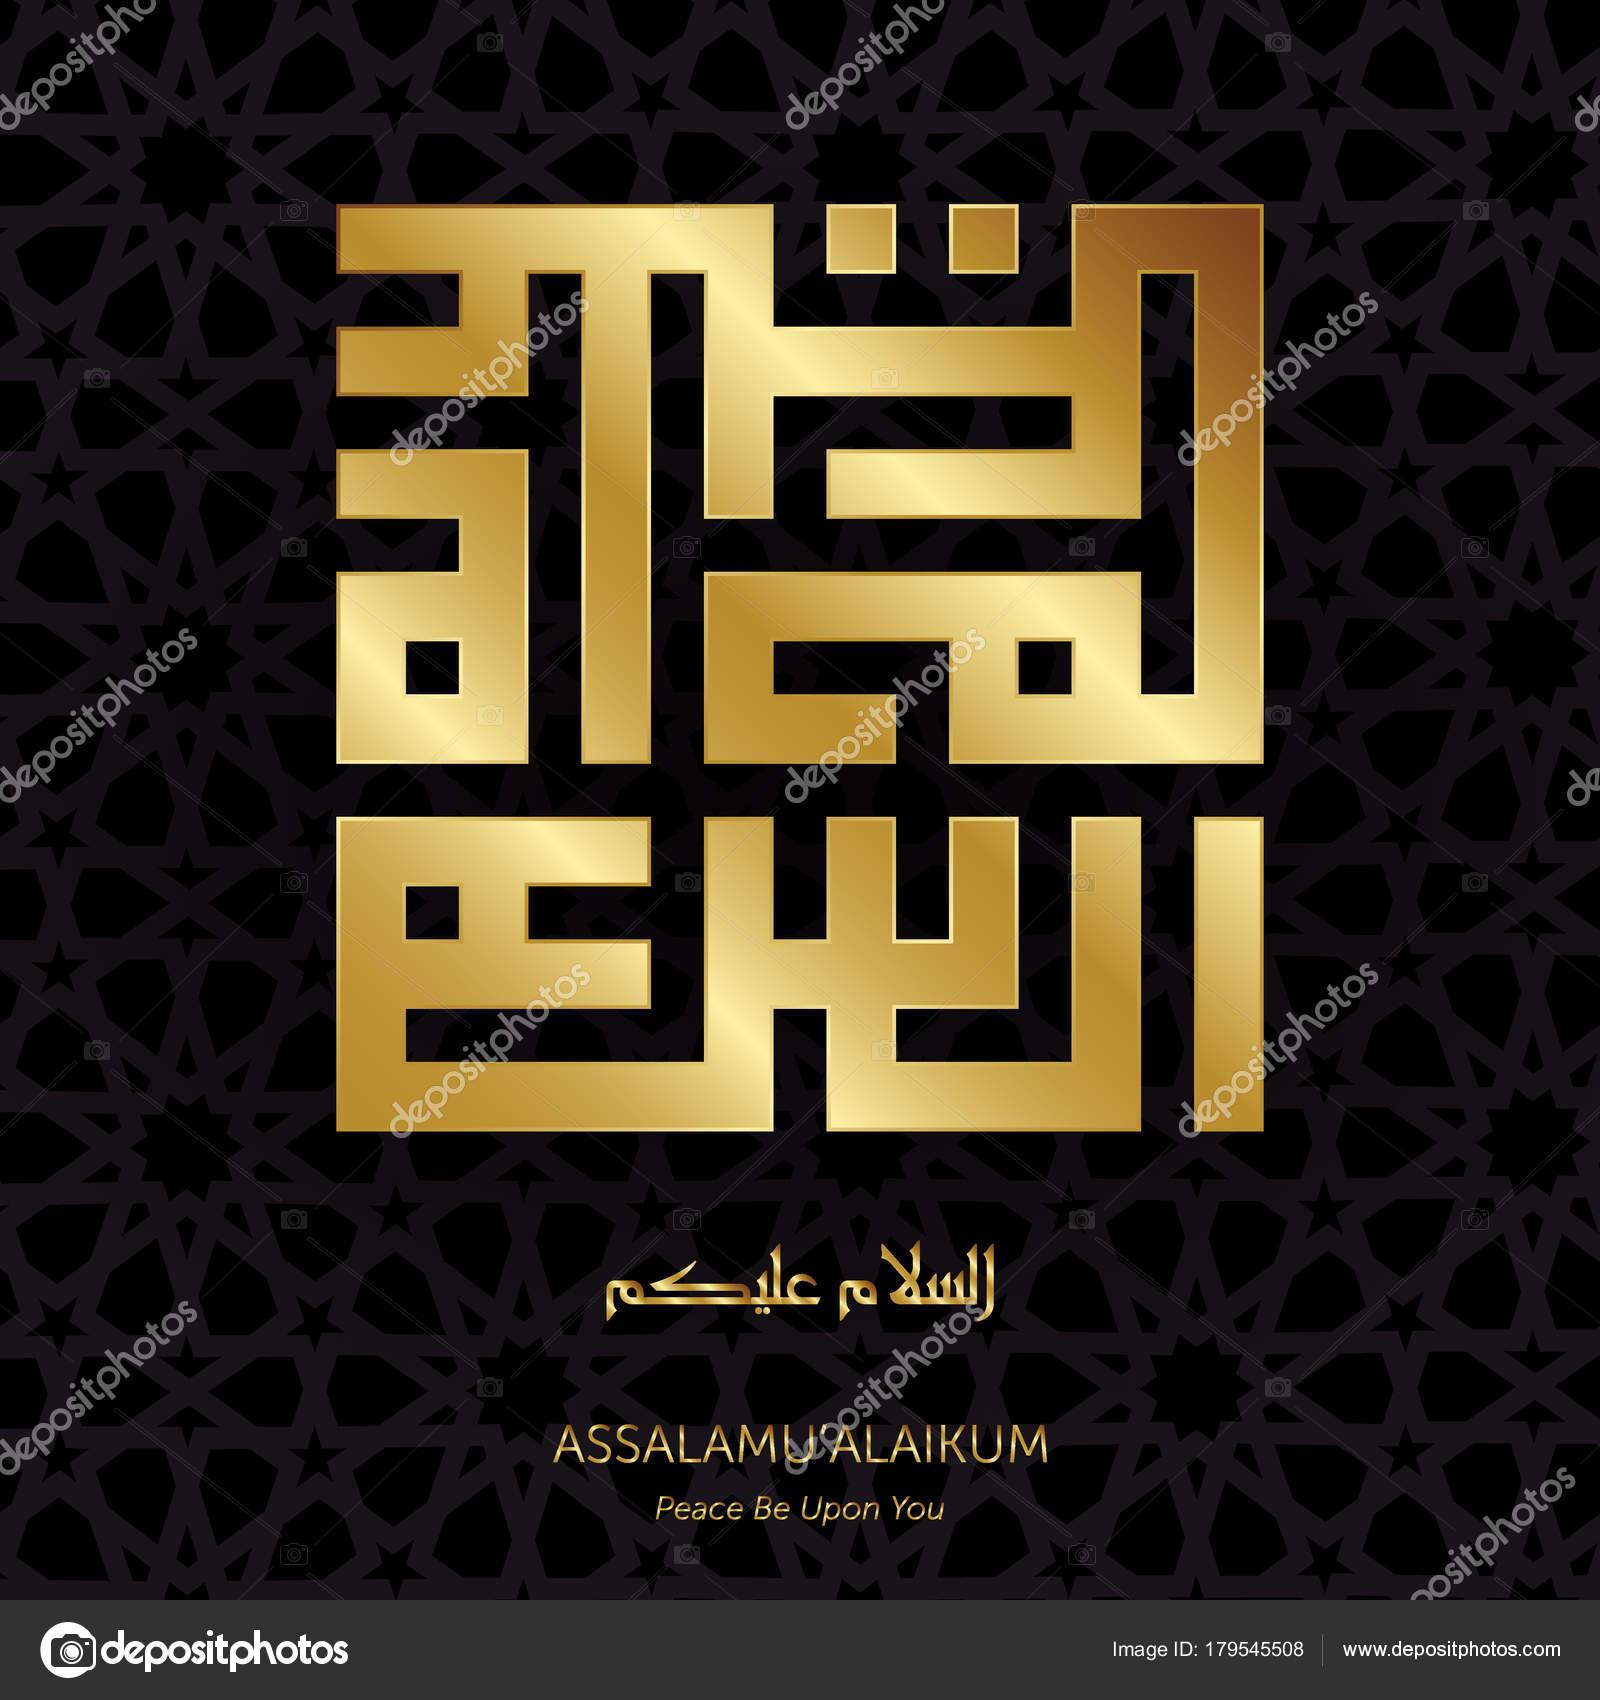 Beautiful Shine Gold Kufic Calligraphy Assalamu Alaikum Peace You